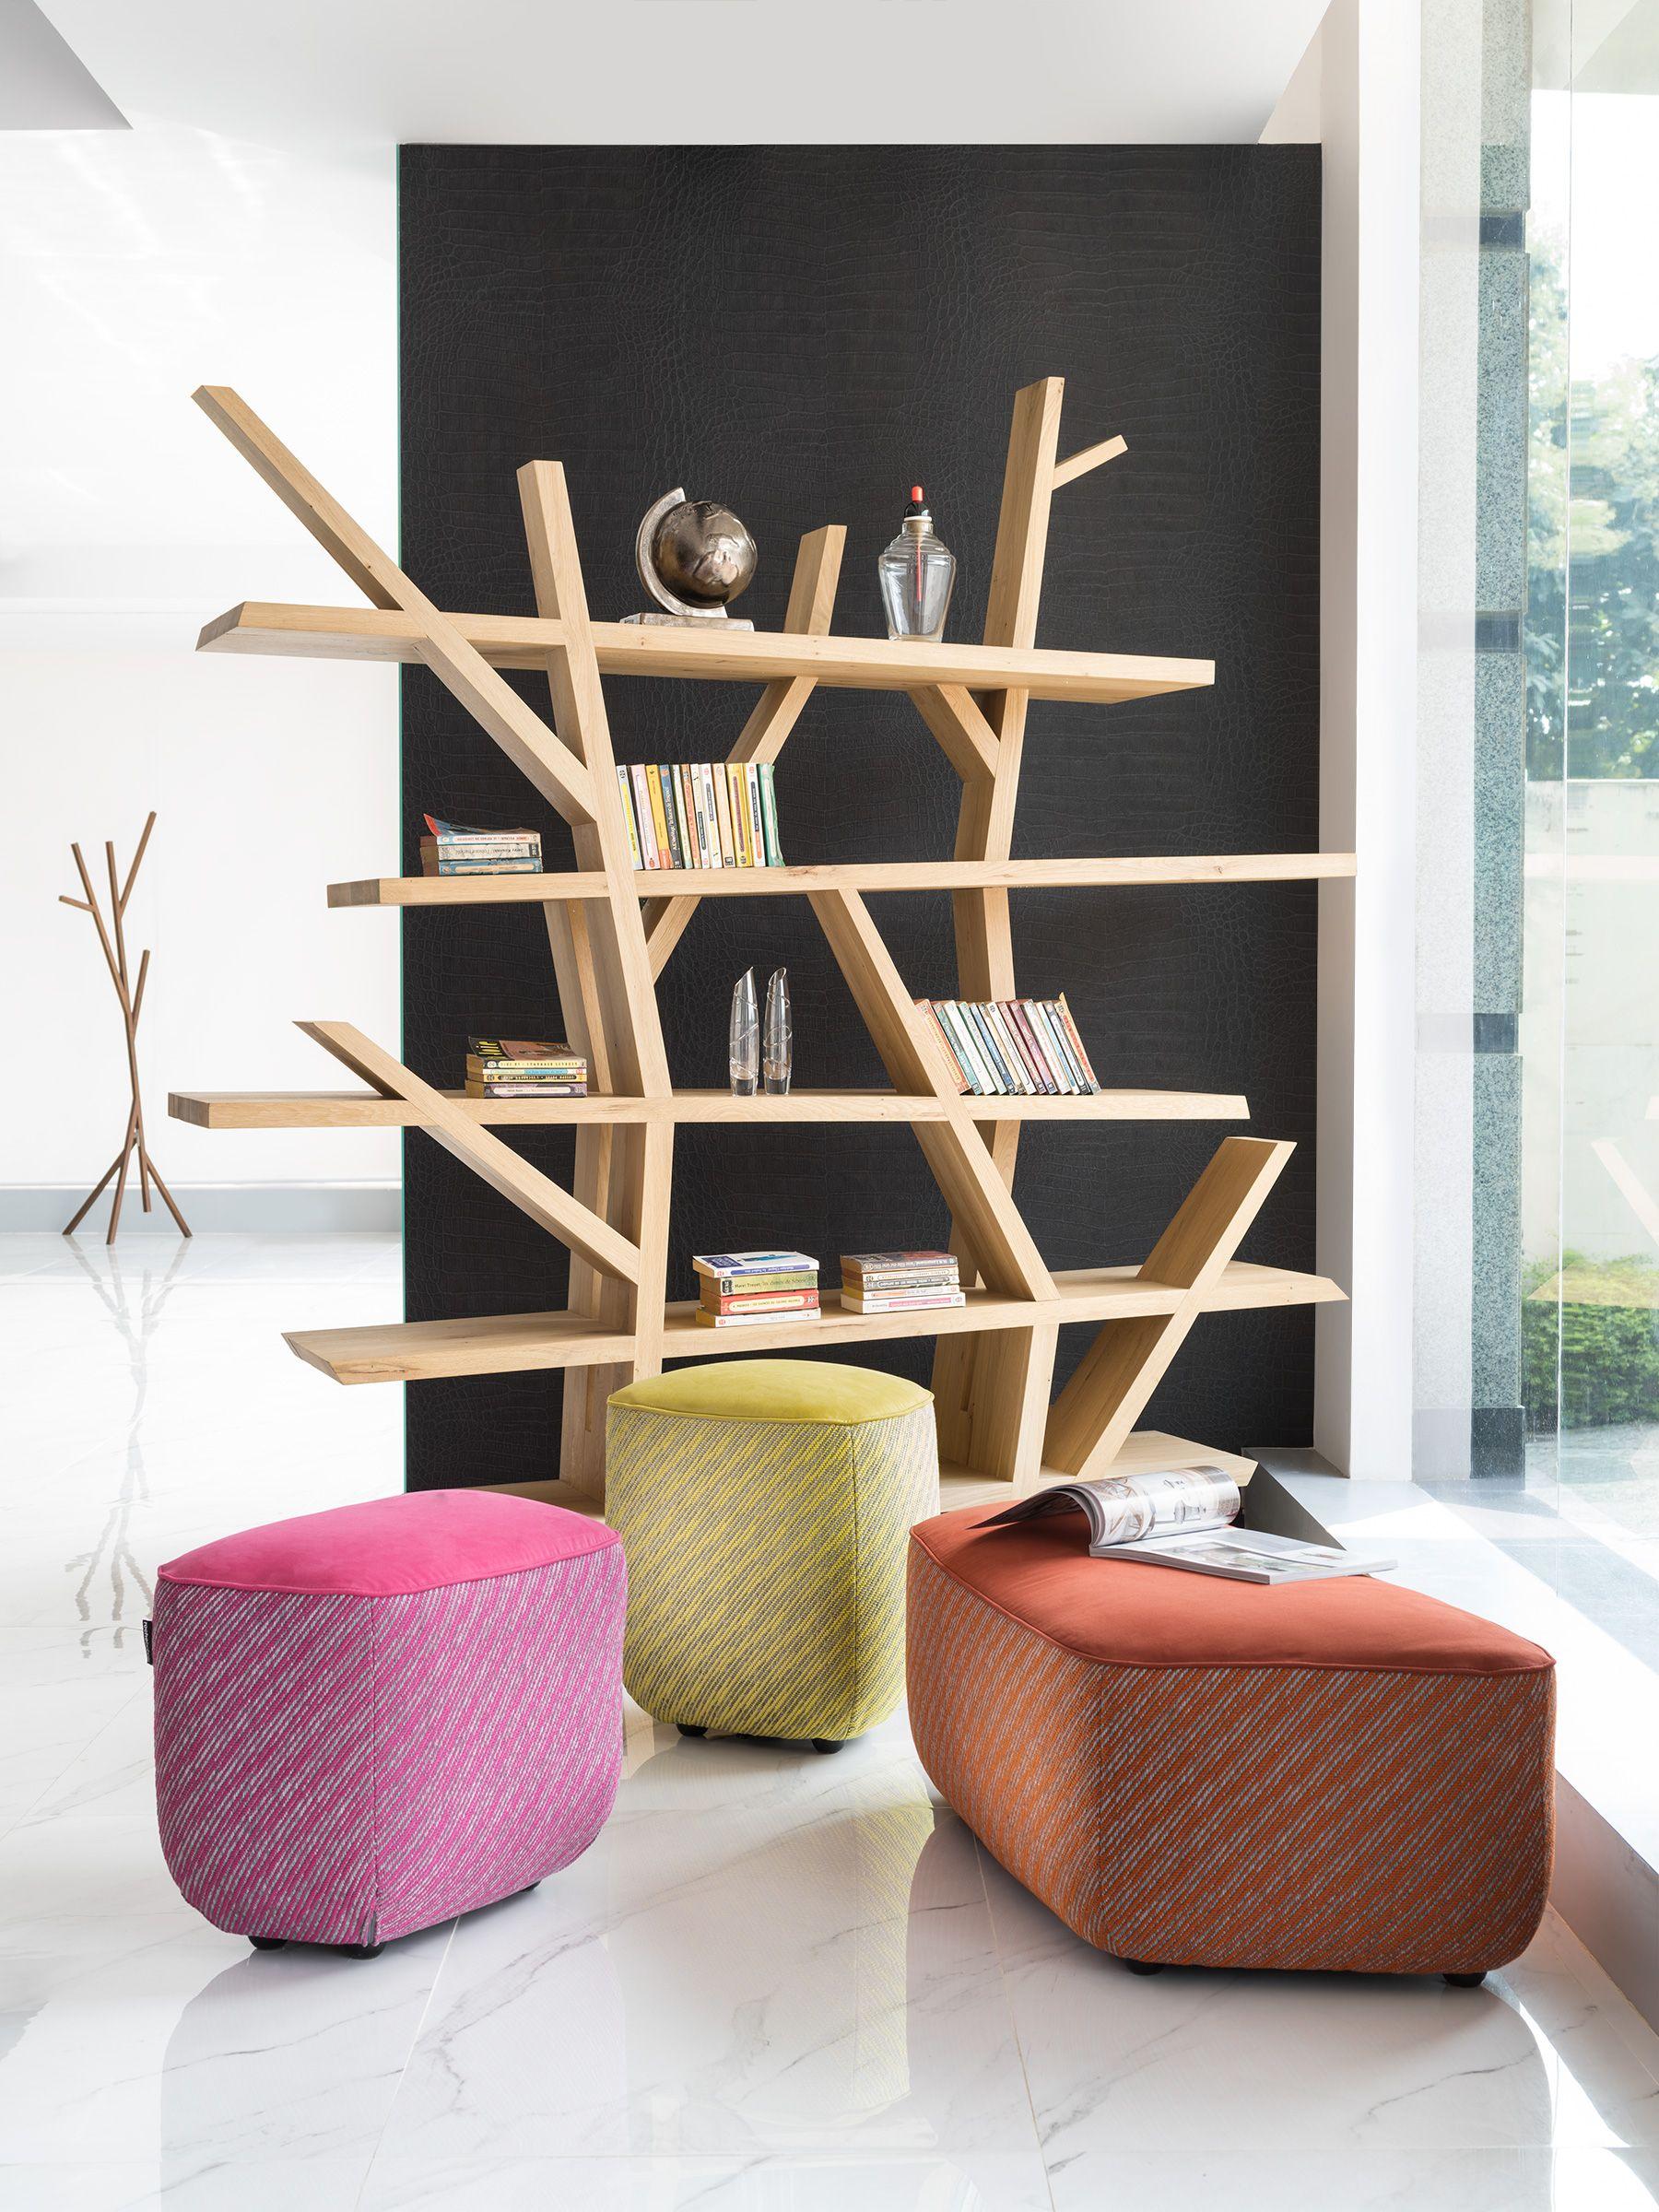 Roche Bobois New Delhi India Legend Bookcase Showroom Display Deco Maison Mobilier Meuble Sejour